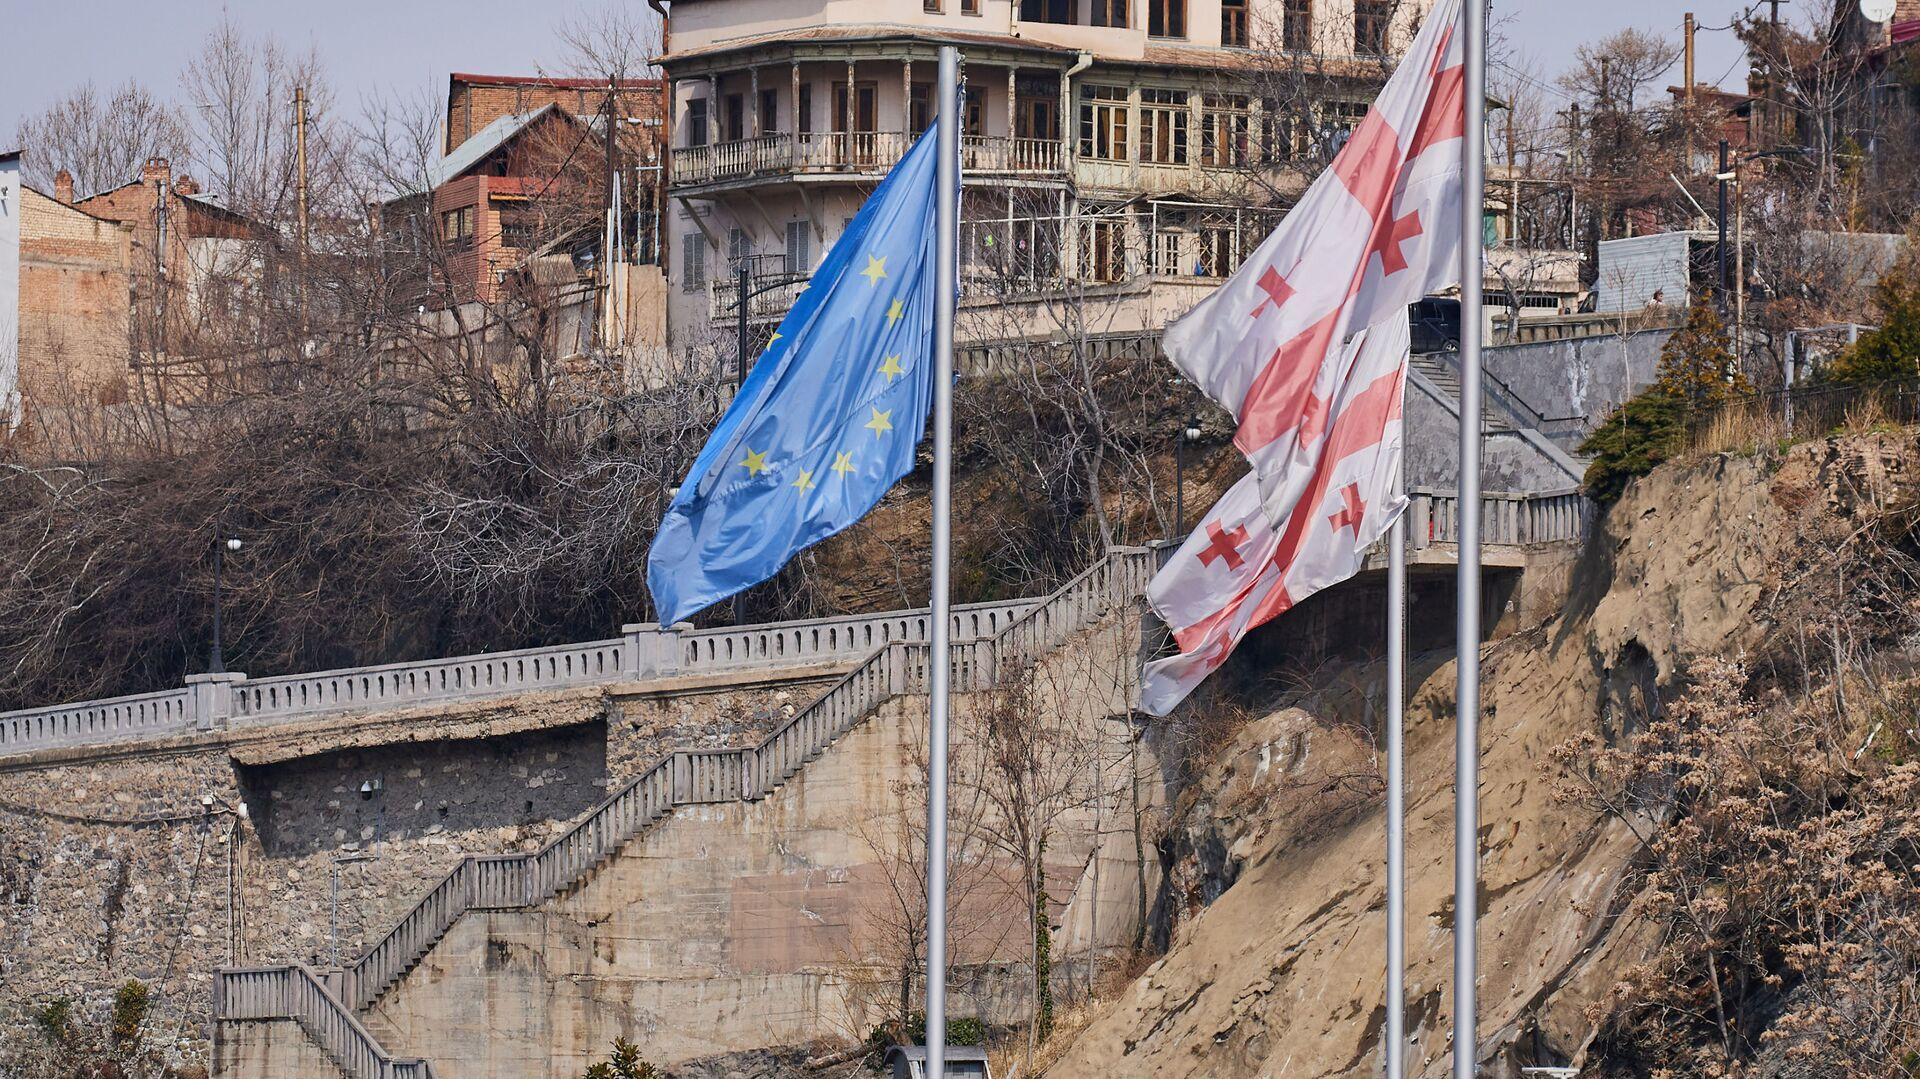 Вид на город Тбилиси - старый город, район Авлабари  - Sputnik Грузия, 1920, 28.03.2021